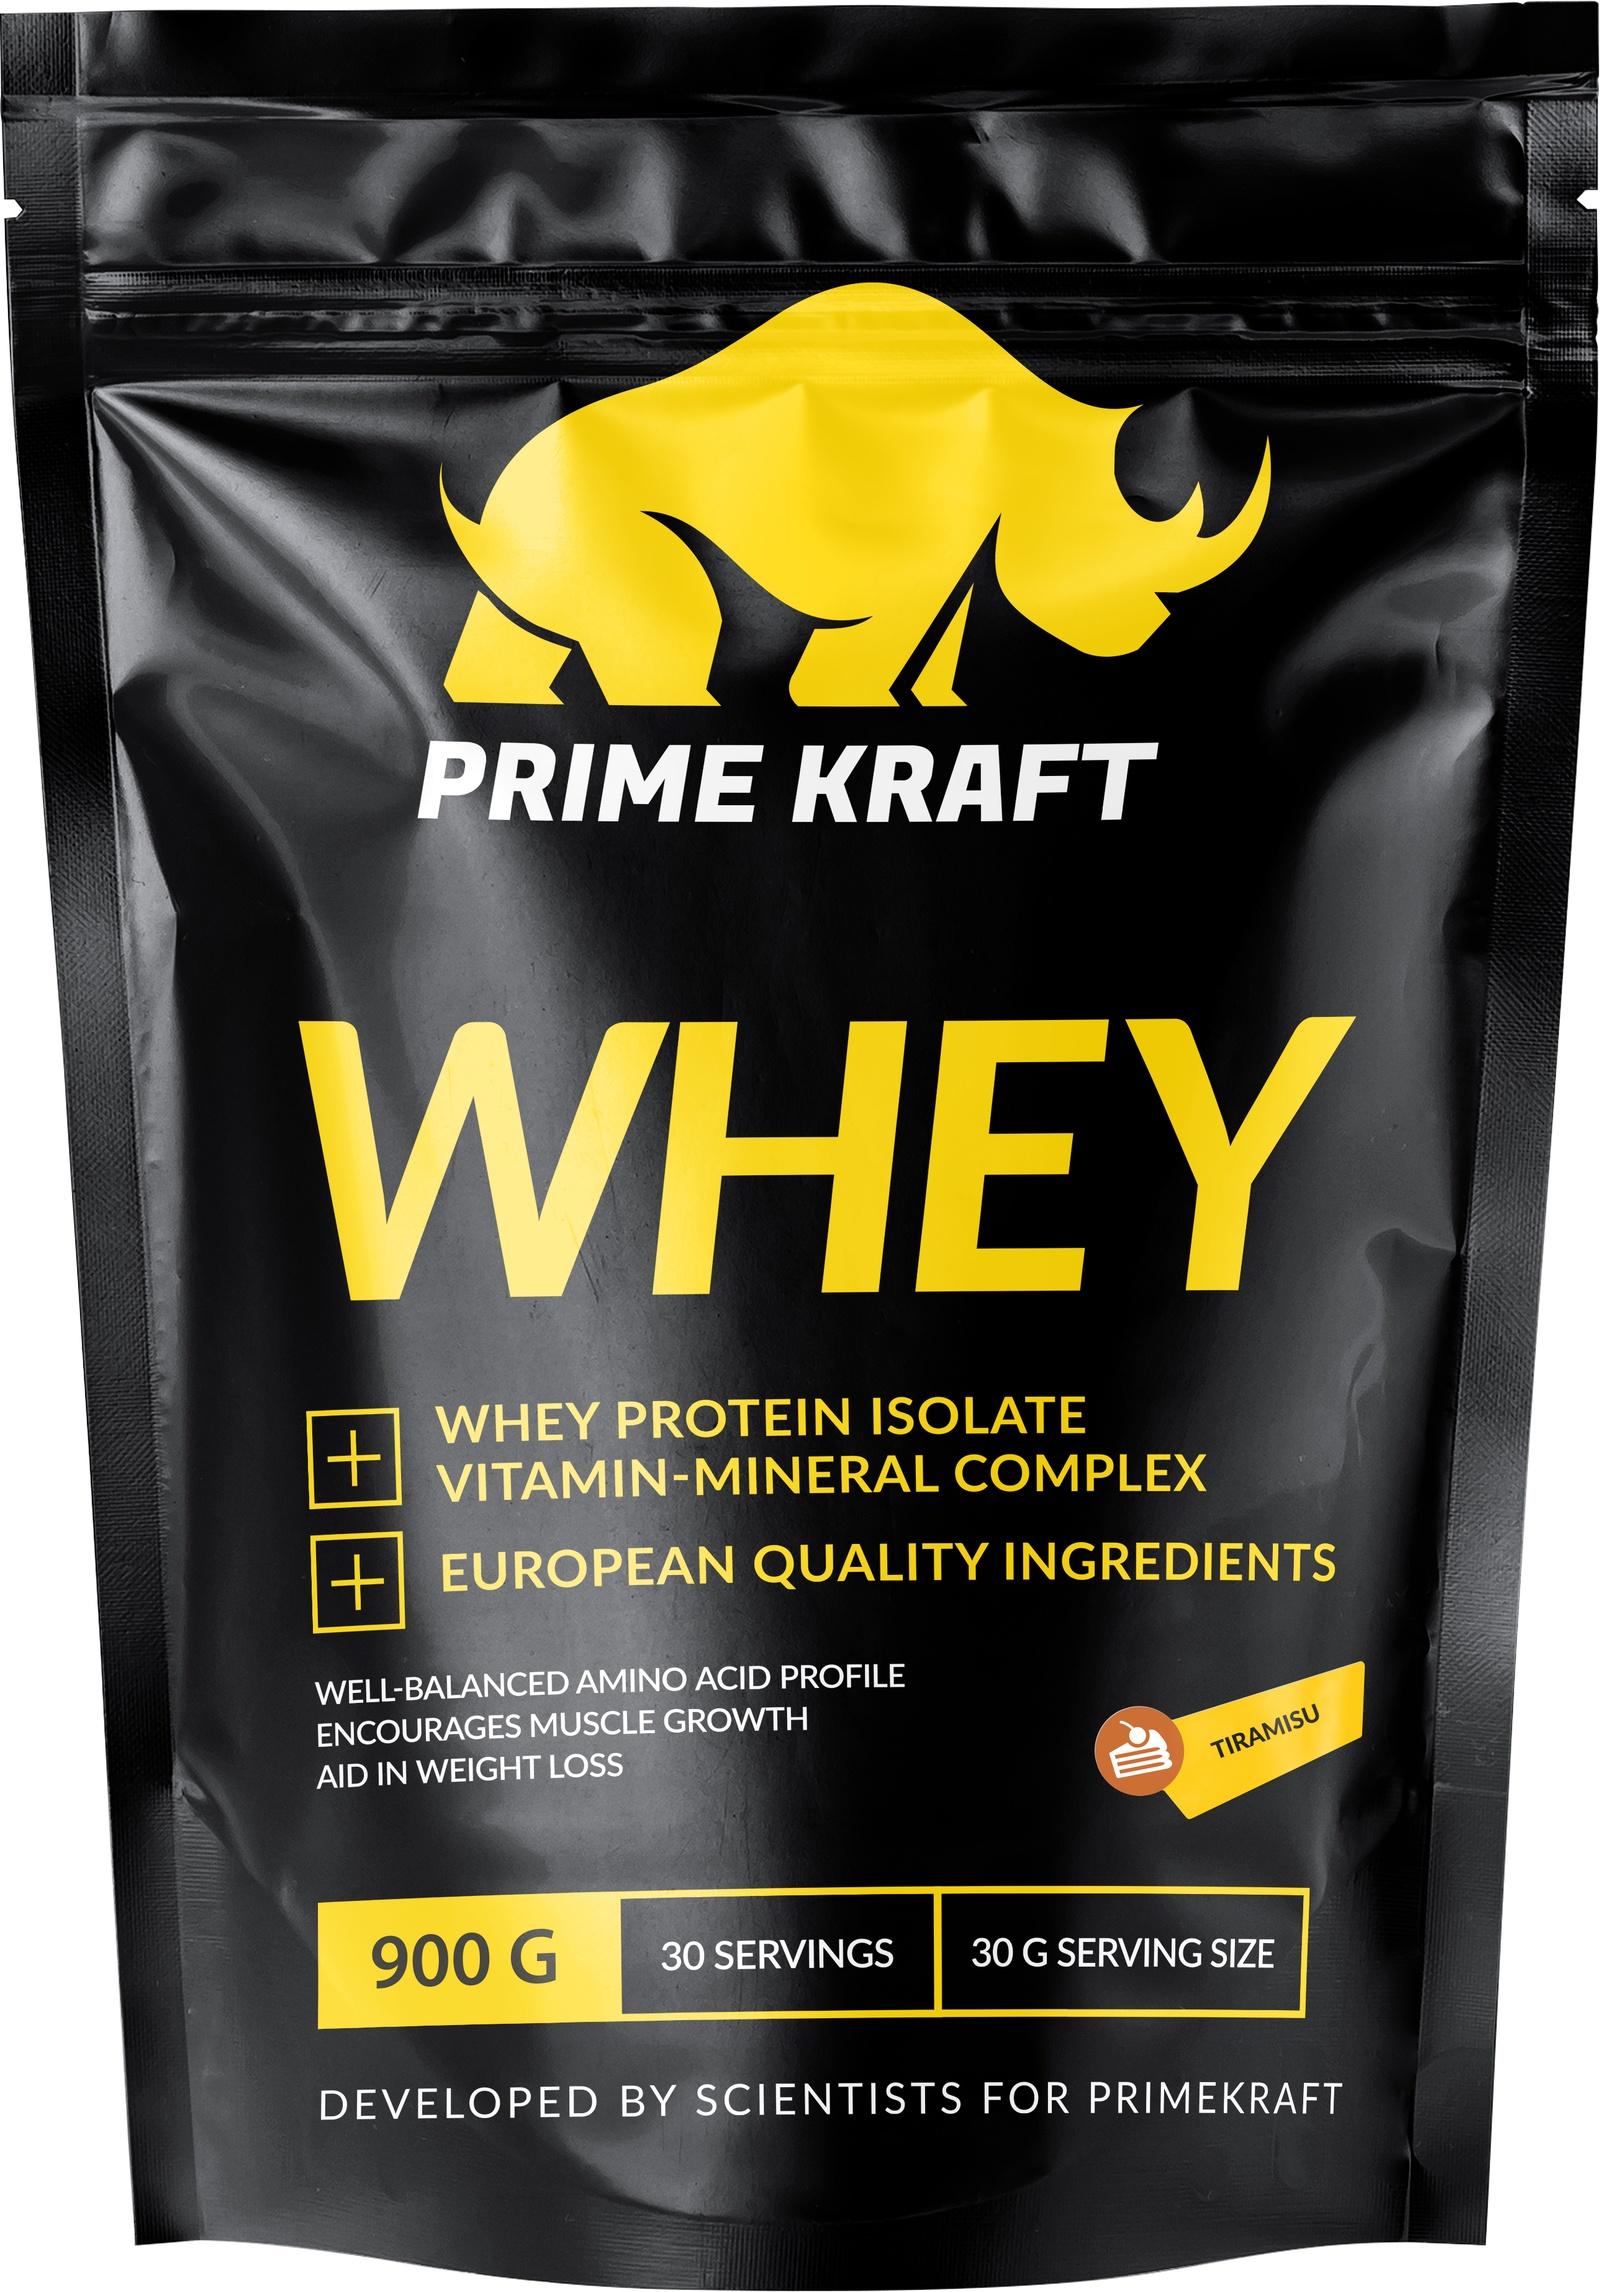 Специализированный пищевой продукт Prime Kraft Whey, тирамису, 900г